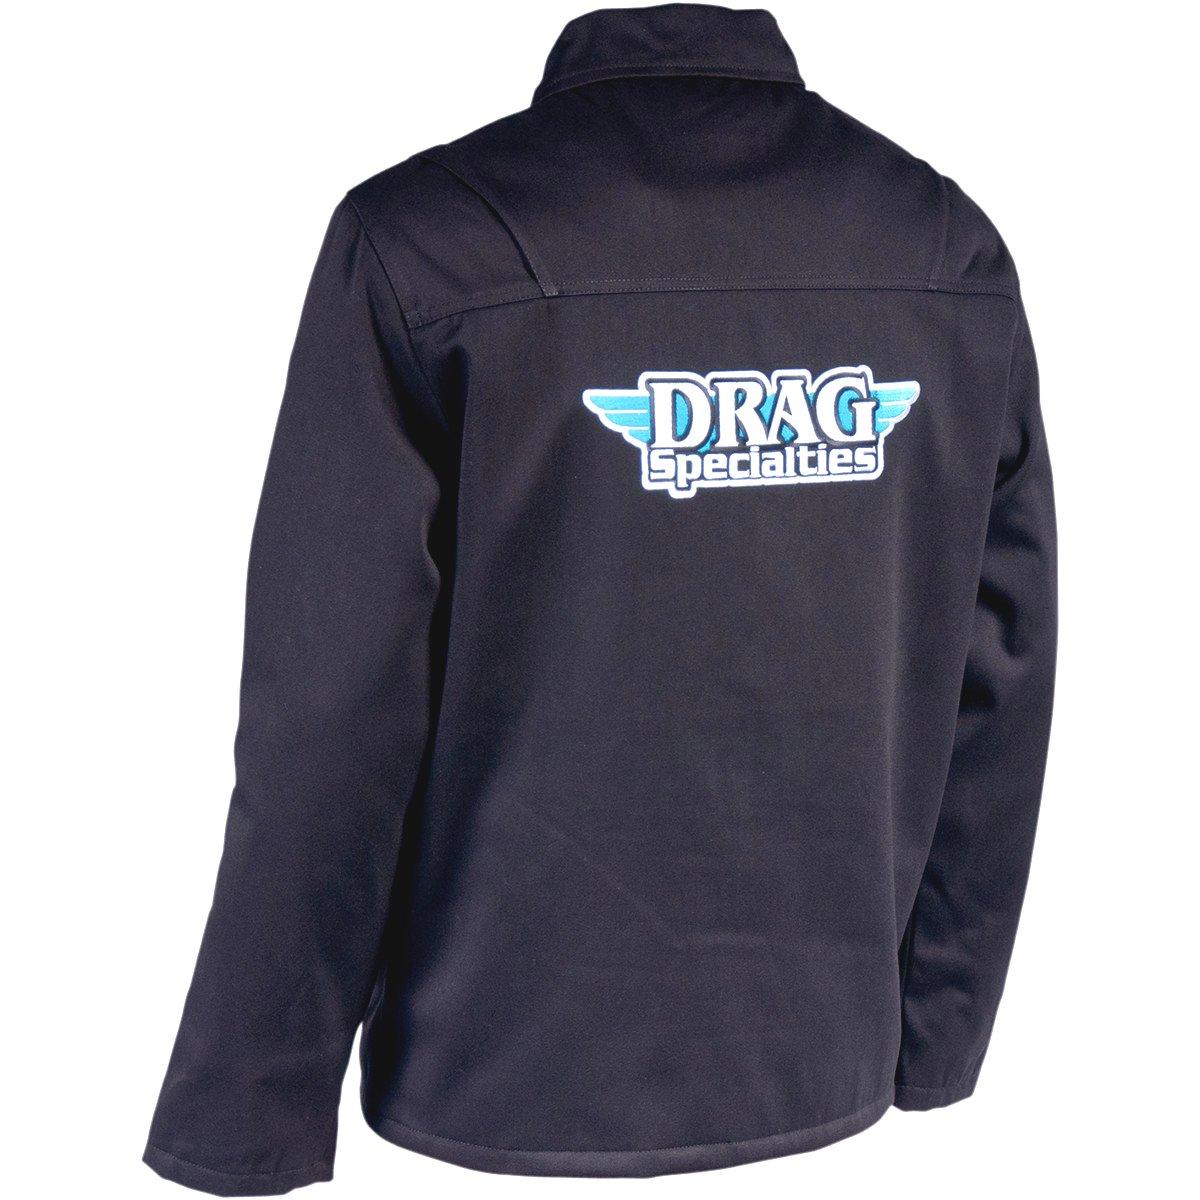 【USA在庫あり】 スロットルスレッズ Throttle Threads ショップジャケット Drag Specialties 黒 XLサイズ 3001-0262 JP店